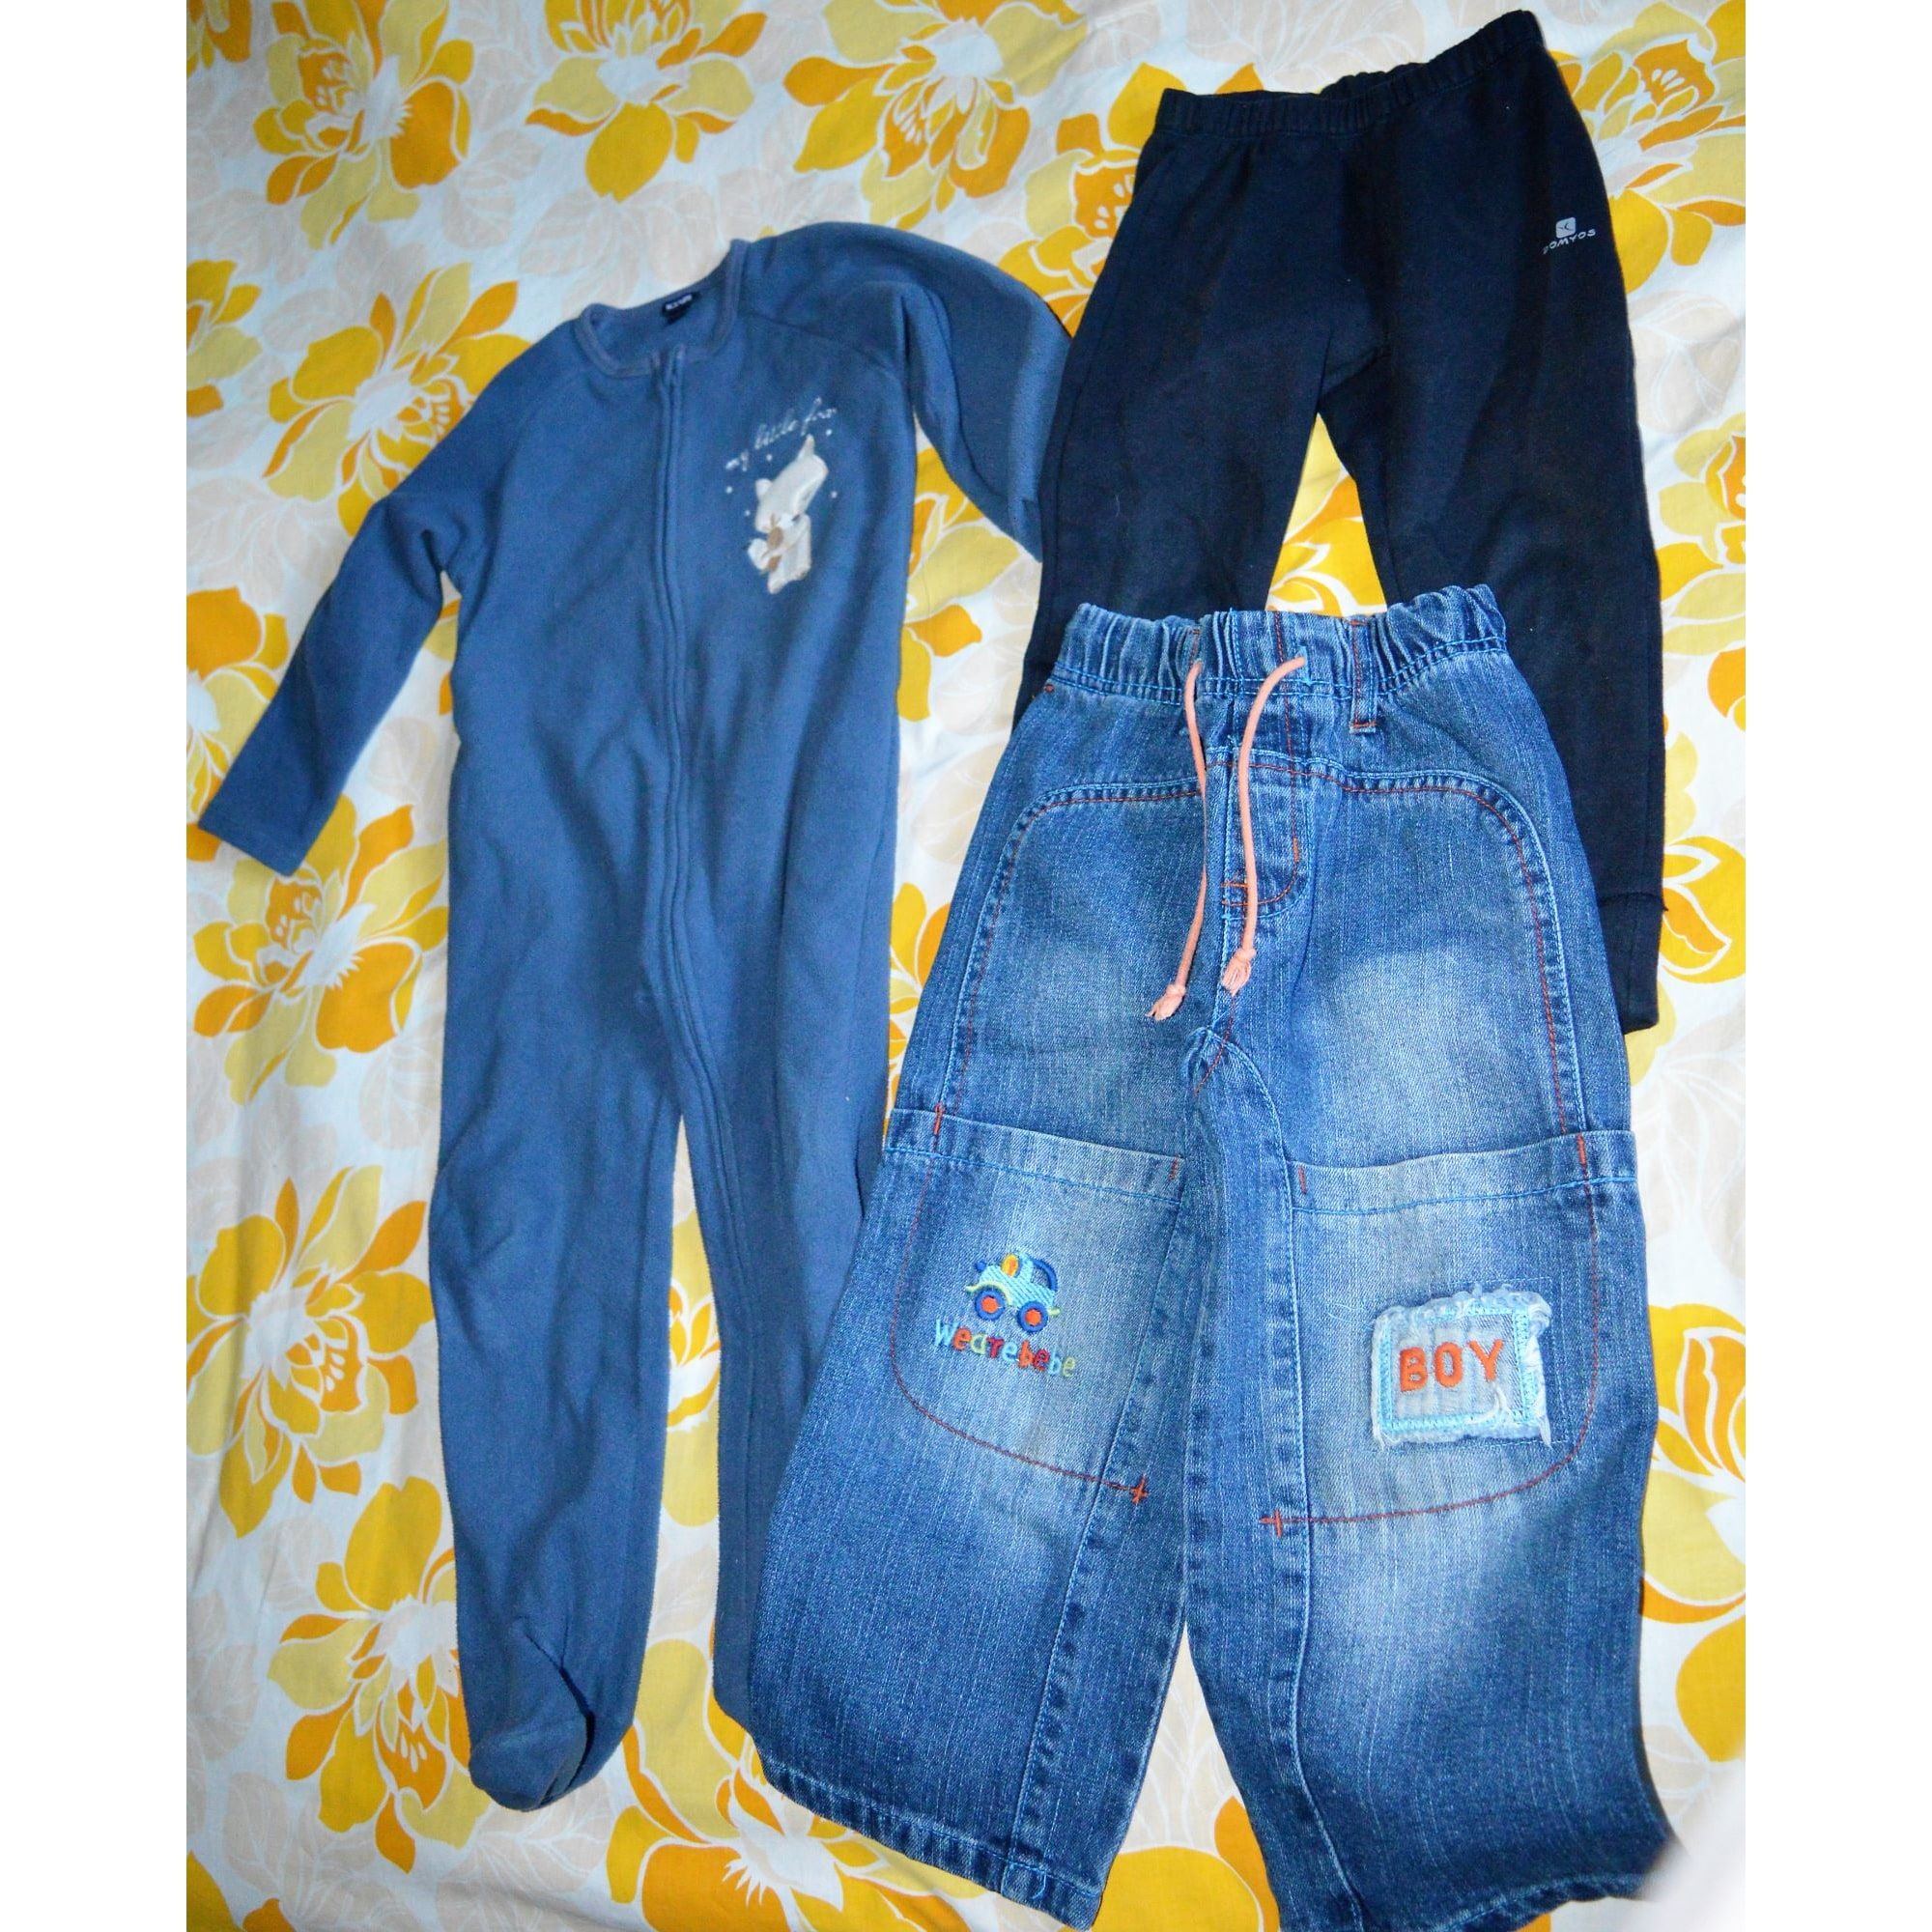 Pants Set, Outfit DIVERSES Multicolor